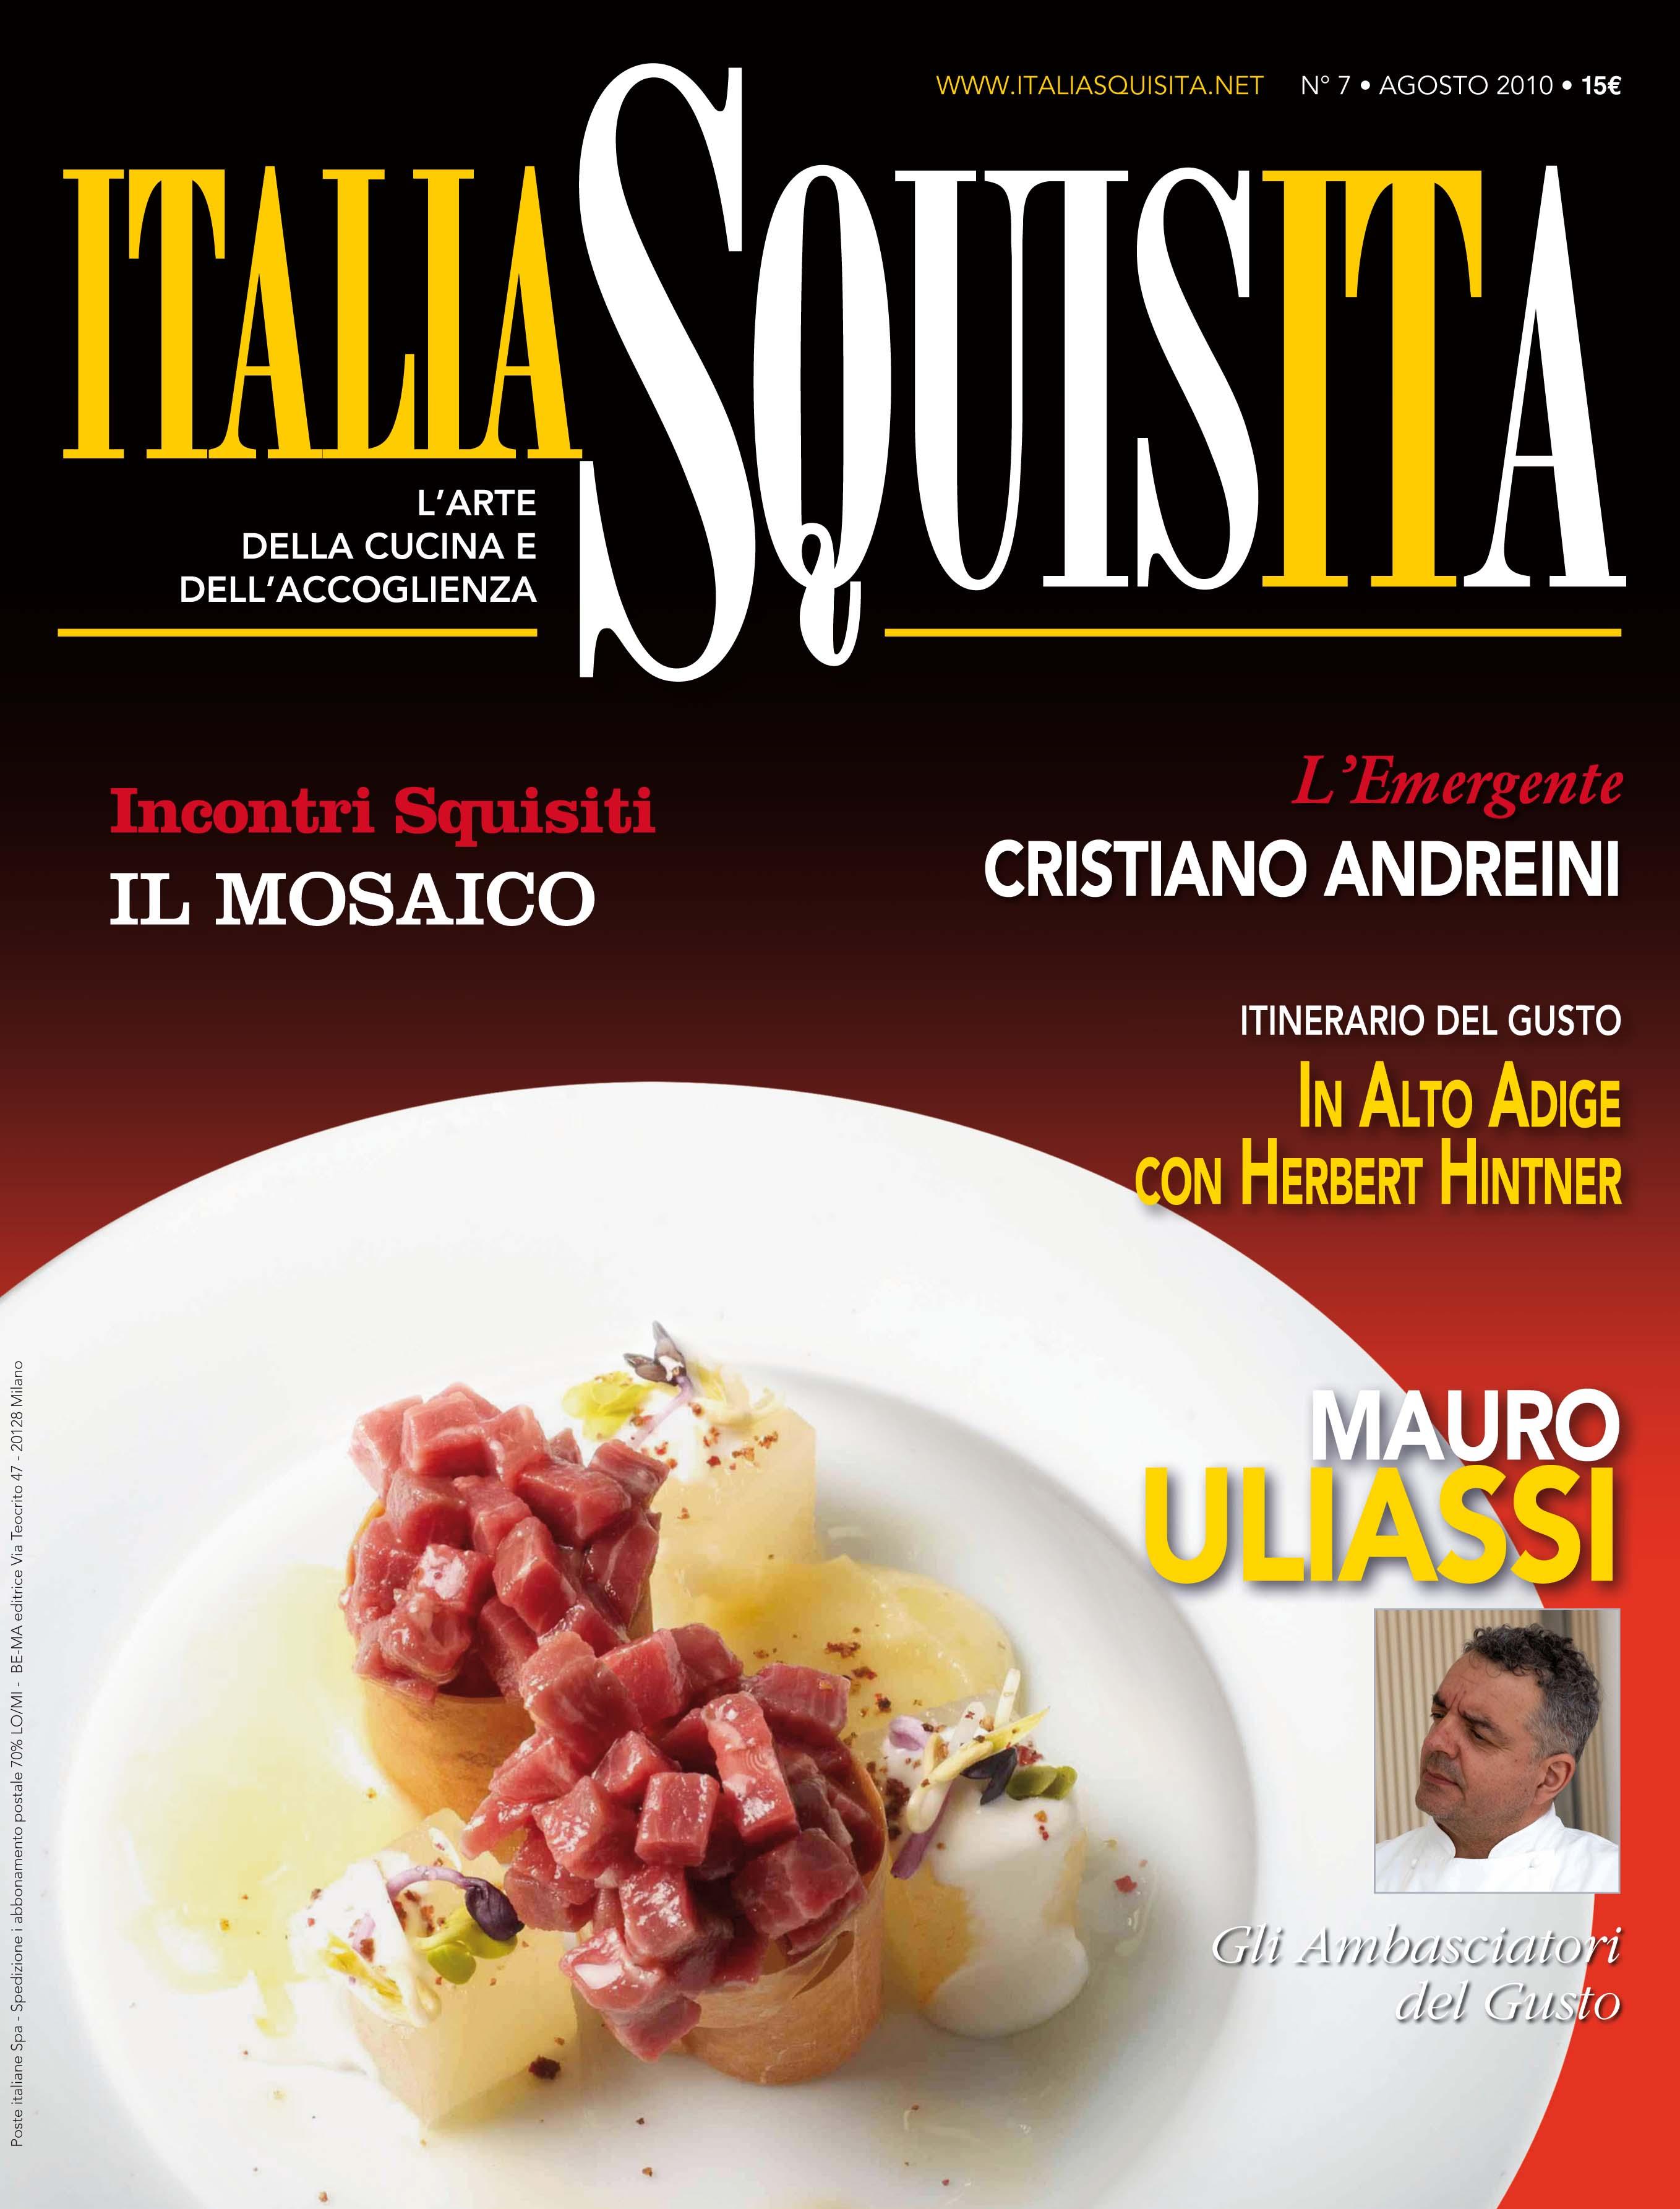 Riviste di cucina italiasquisita for Riviste cucina